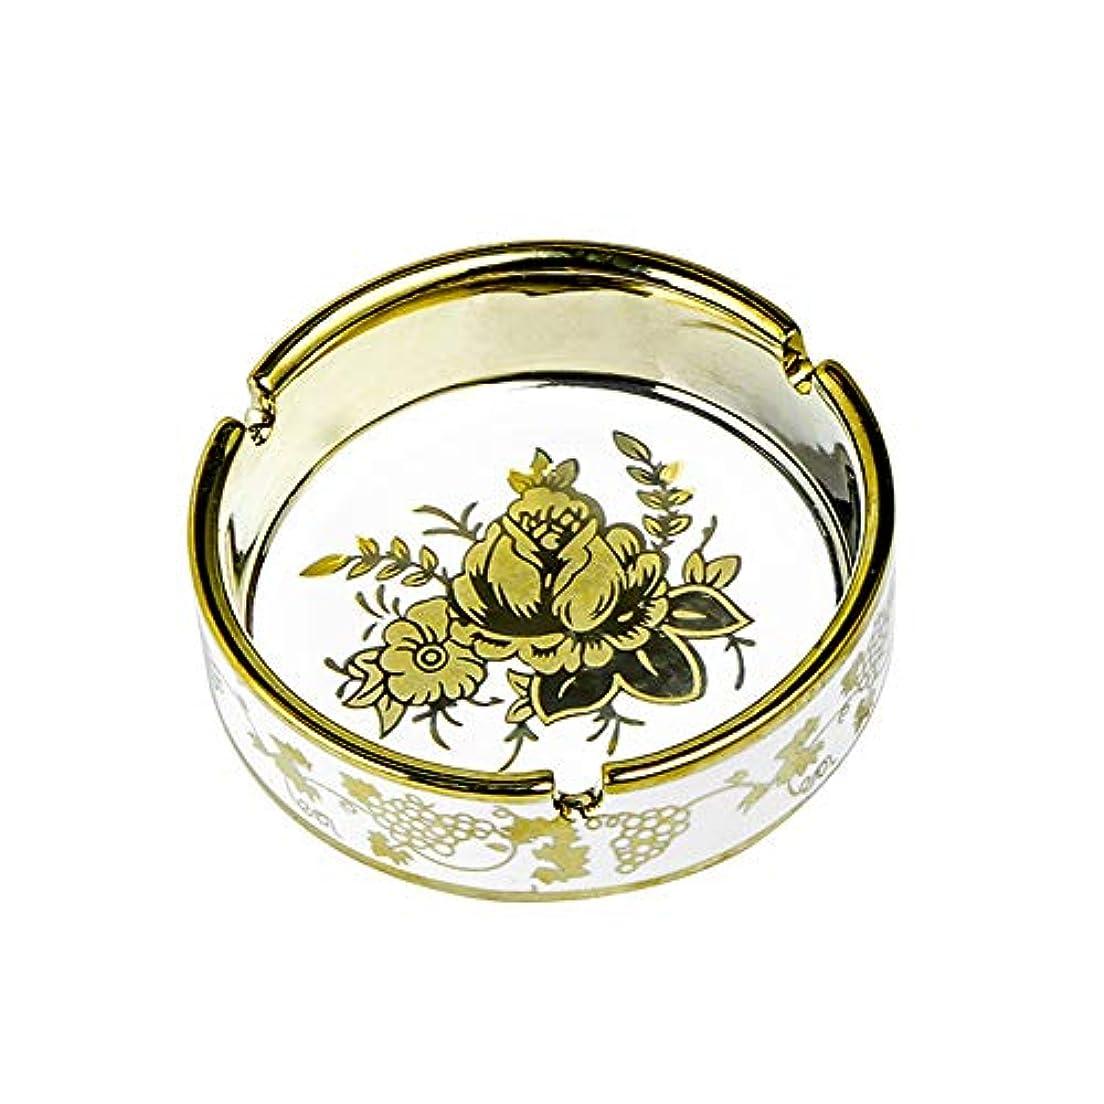 ステッチスカリー配管工タバコ、ギフトおよび総本店の装飾のための円形の光沢のあるセラミック灰皿